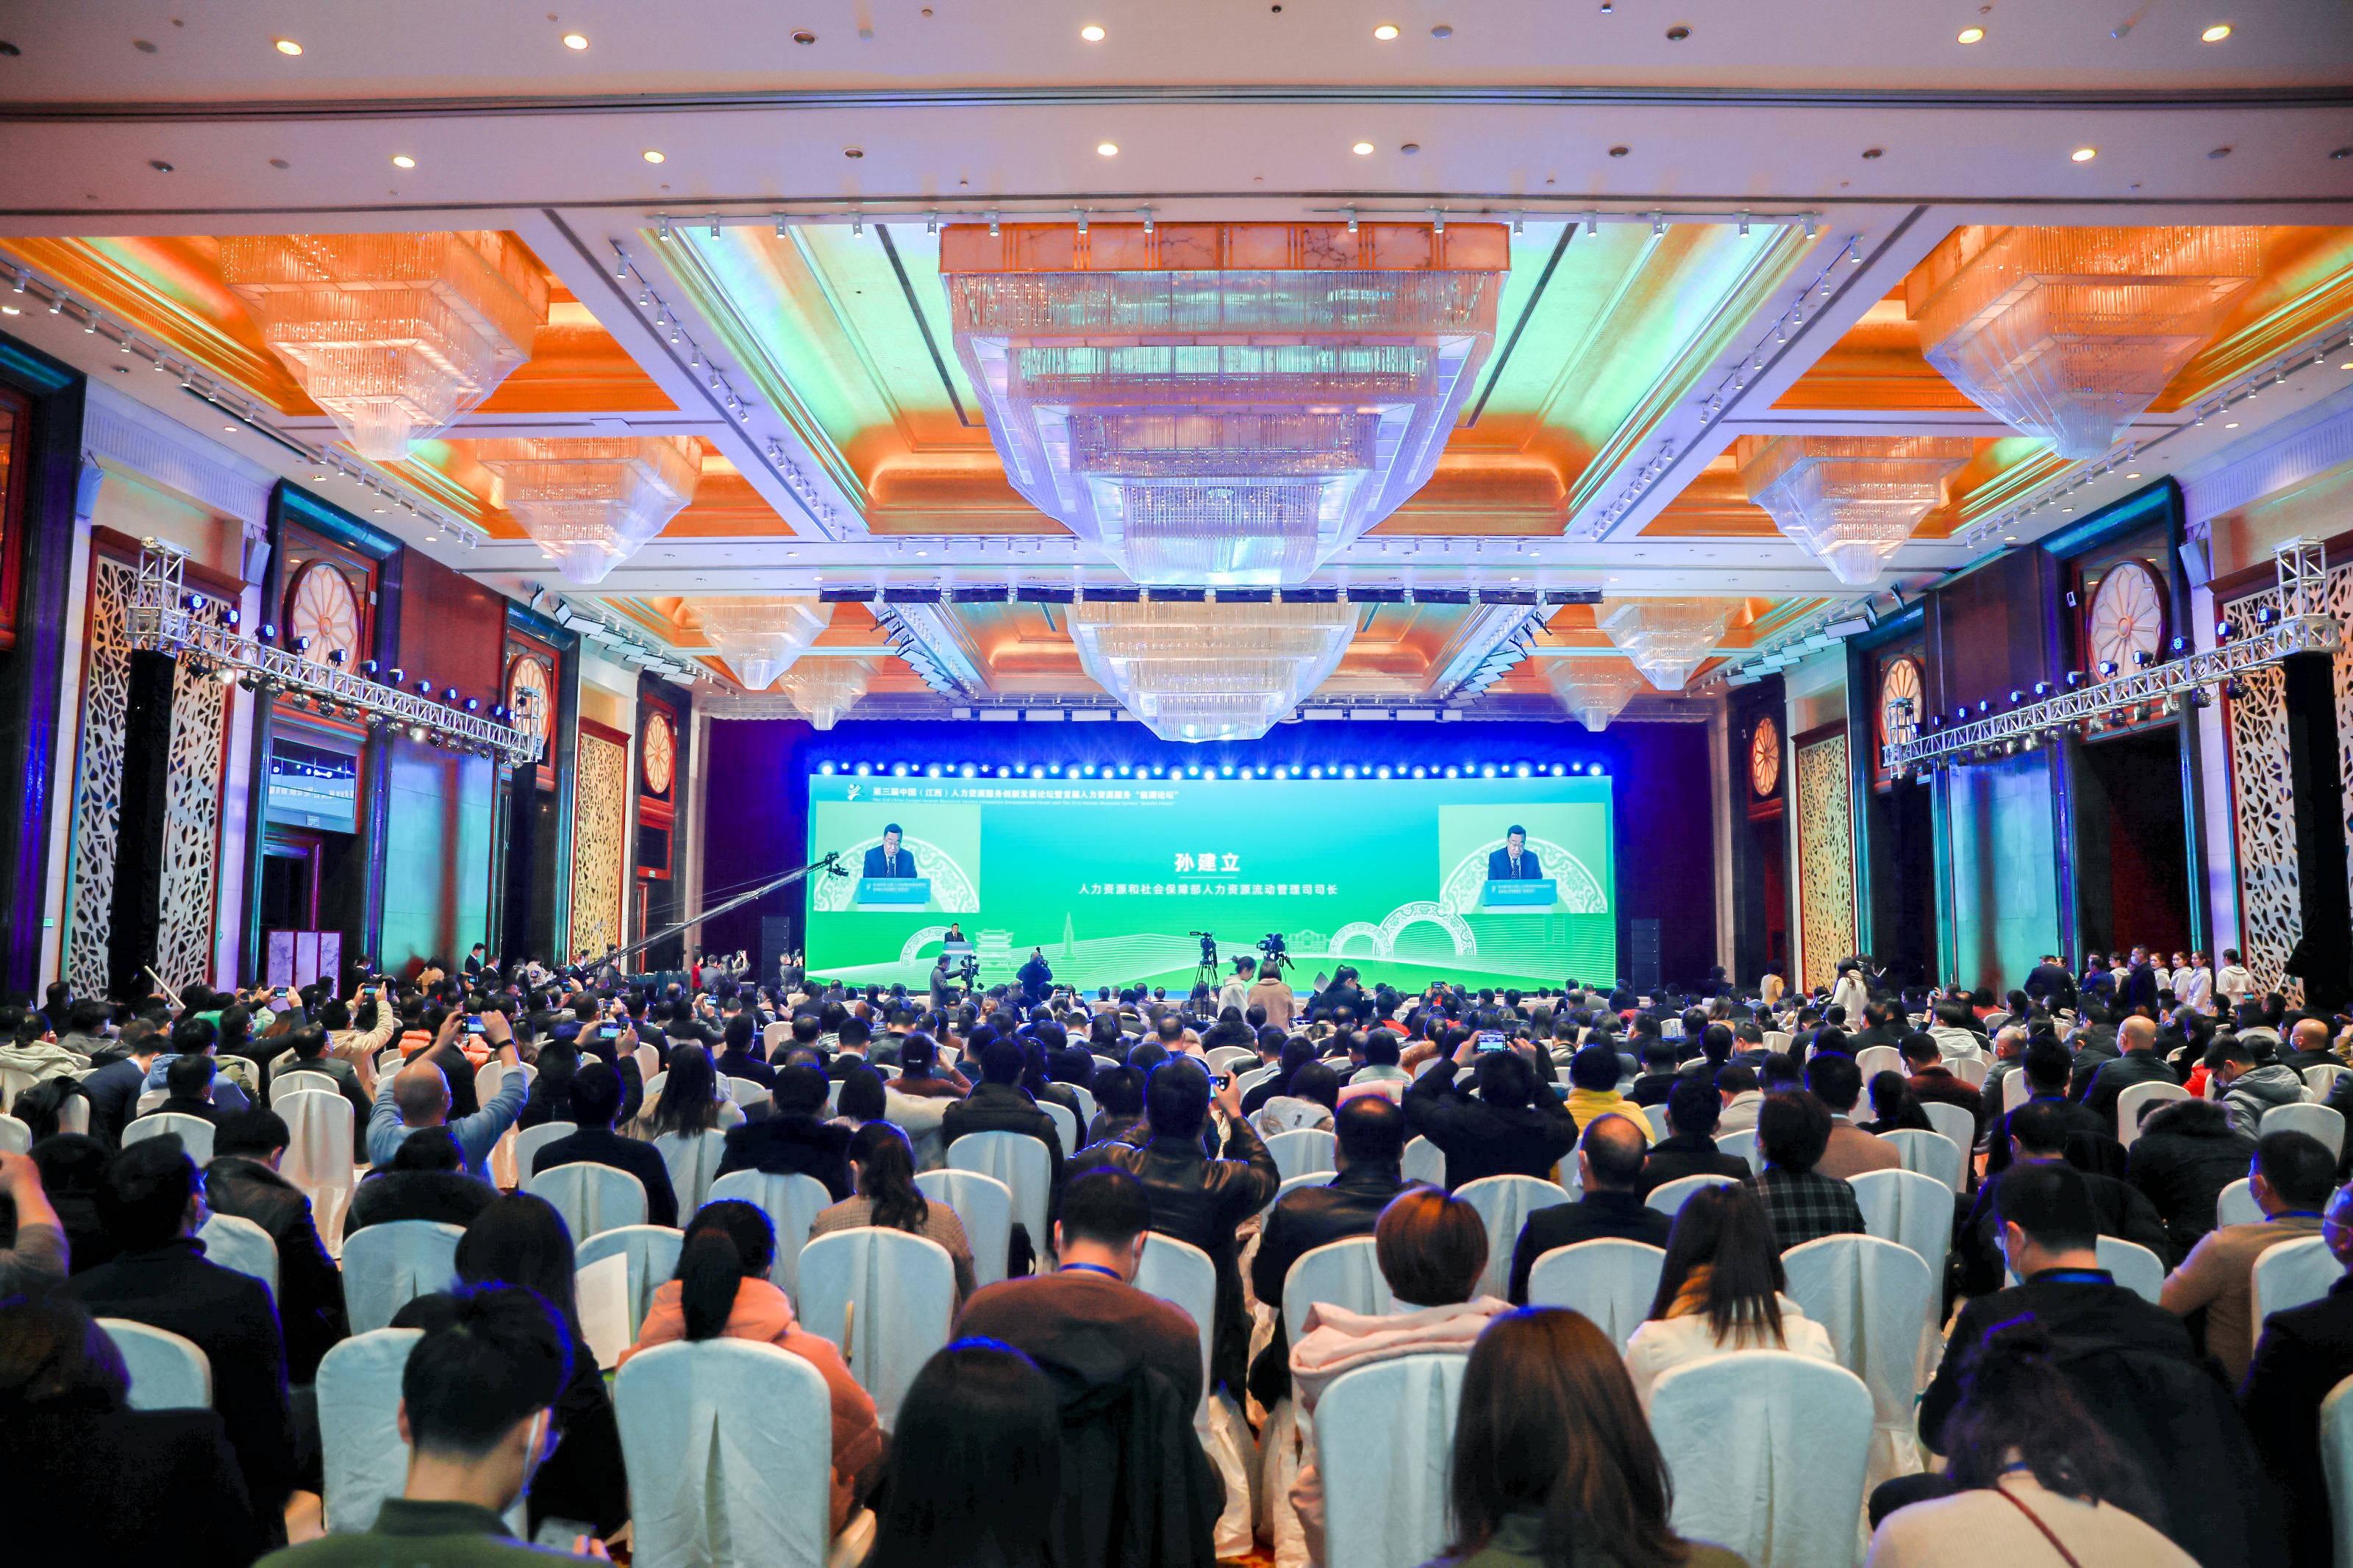 薪资软件董事长杨鹏波应邀参加第三届中国(江西)人力资源服务创新发展论坛